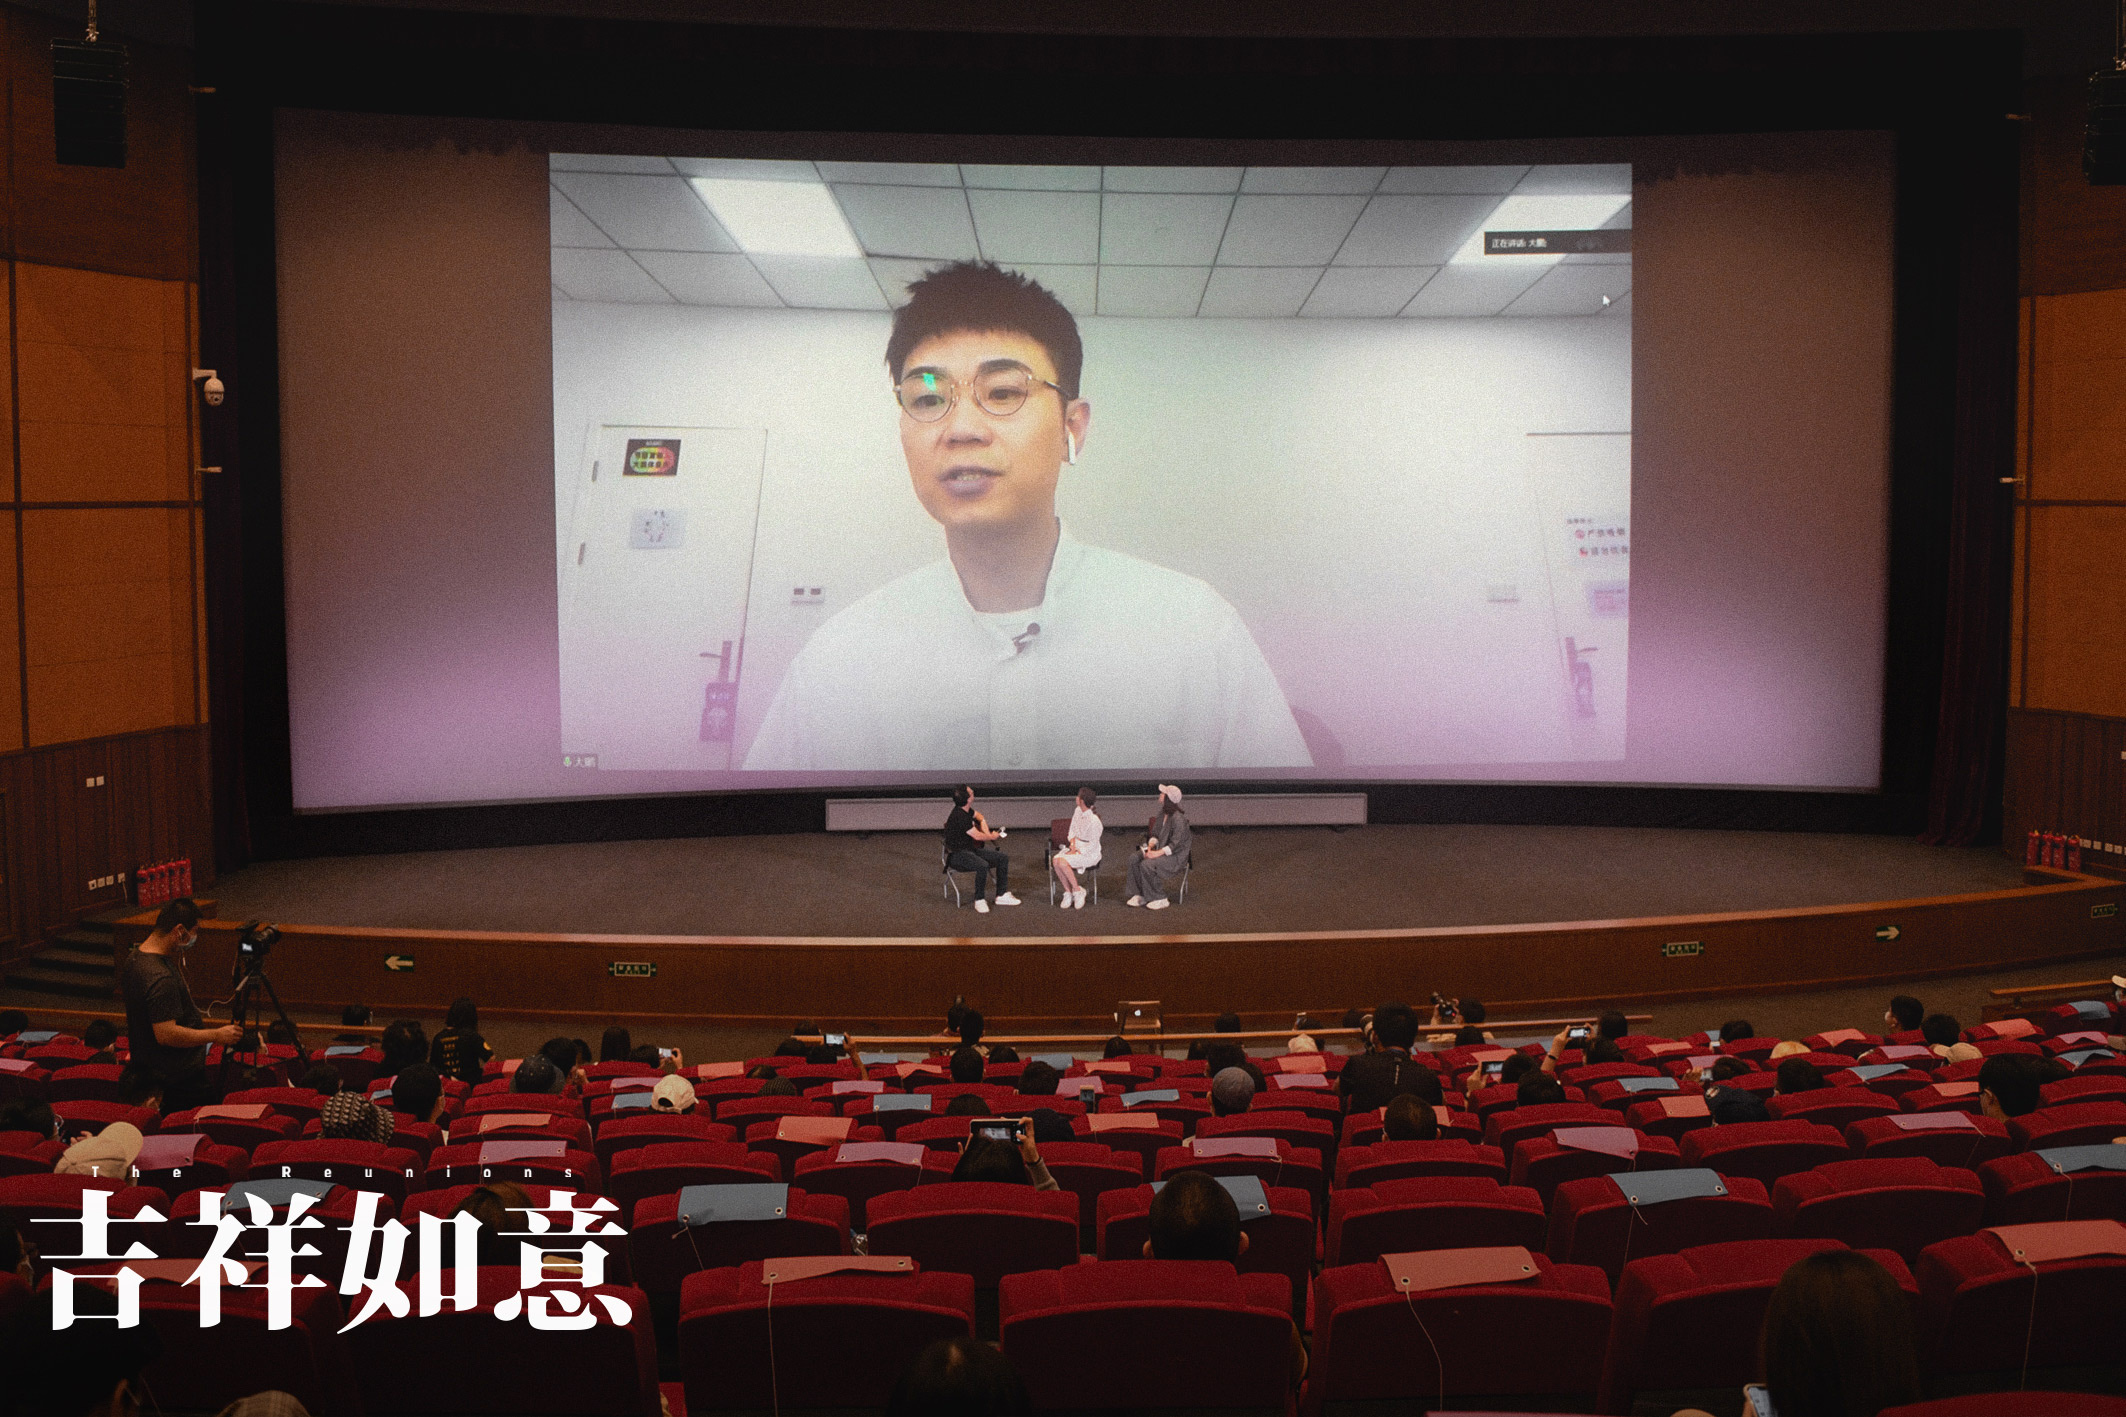 皇冠足球:大鹏《吉祥如意》北影节展映 探讨中国家庭引共识